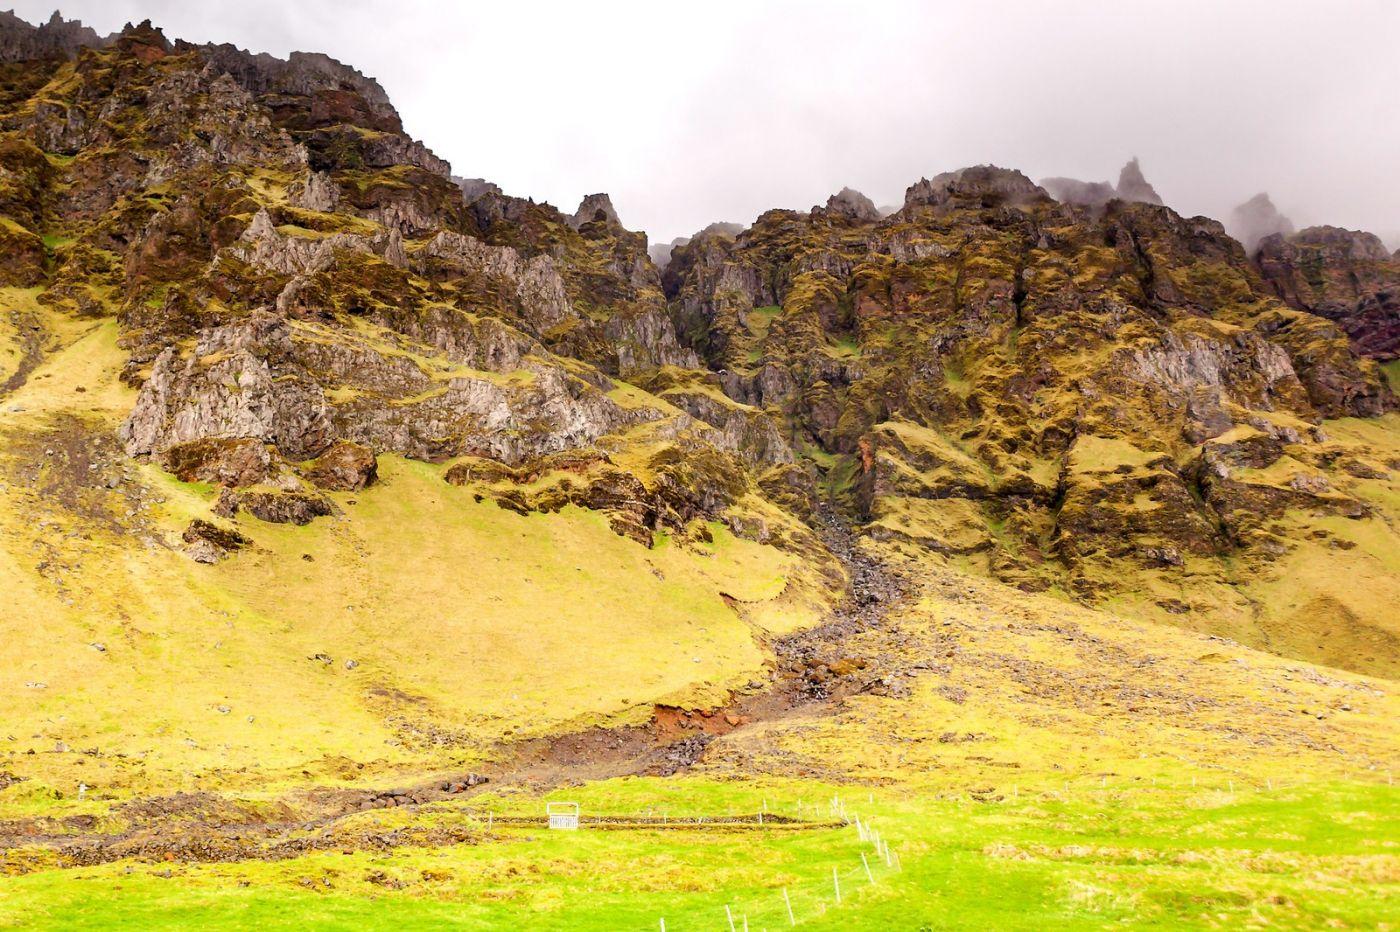 冰岛风采,奇山怪石_图1-42